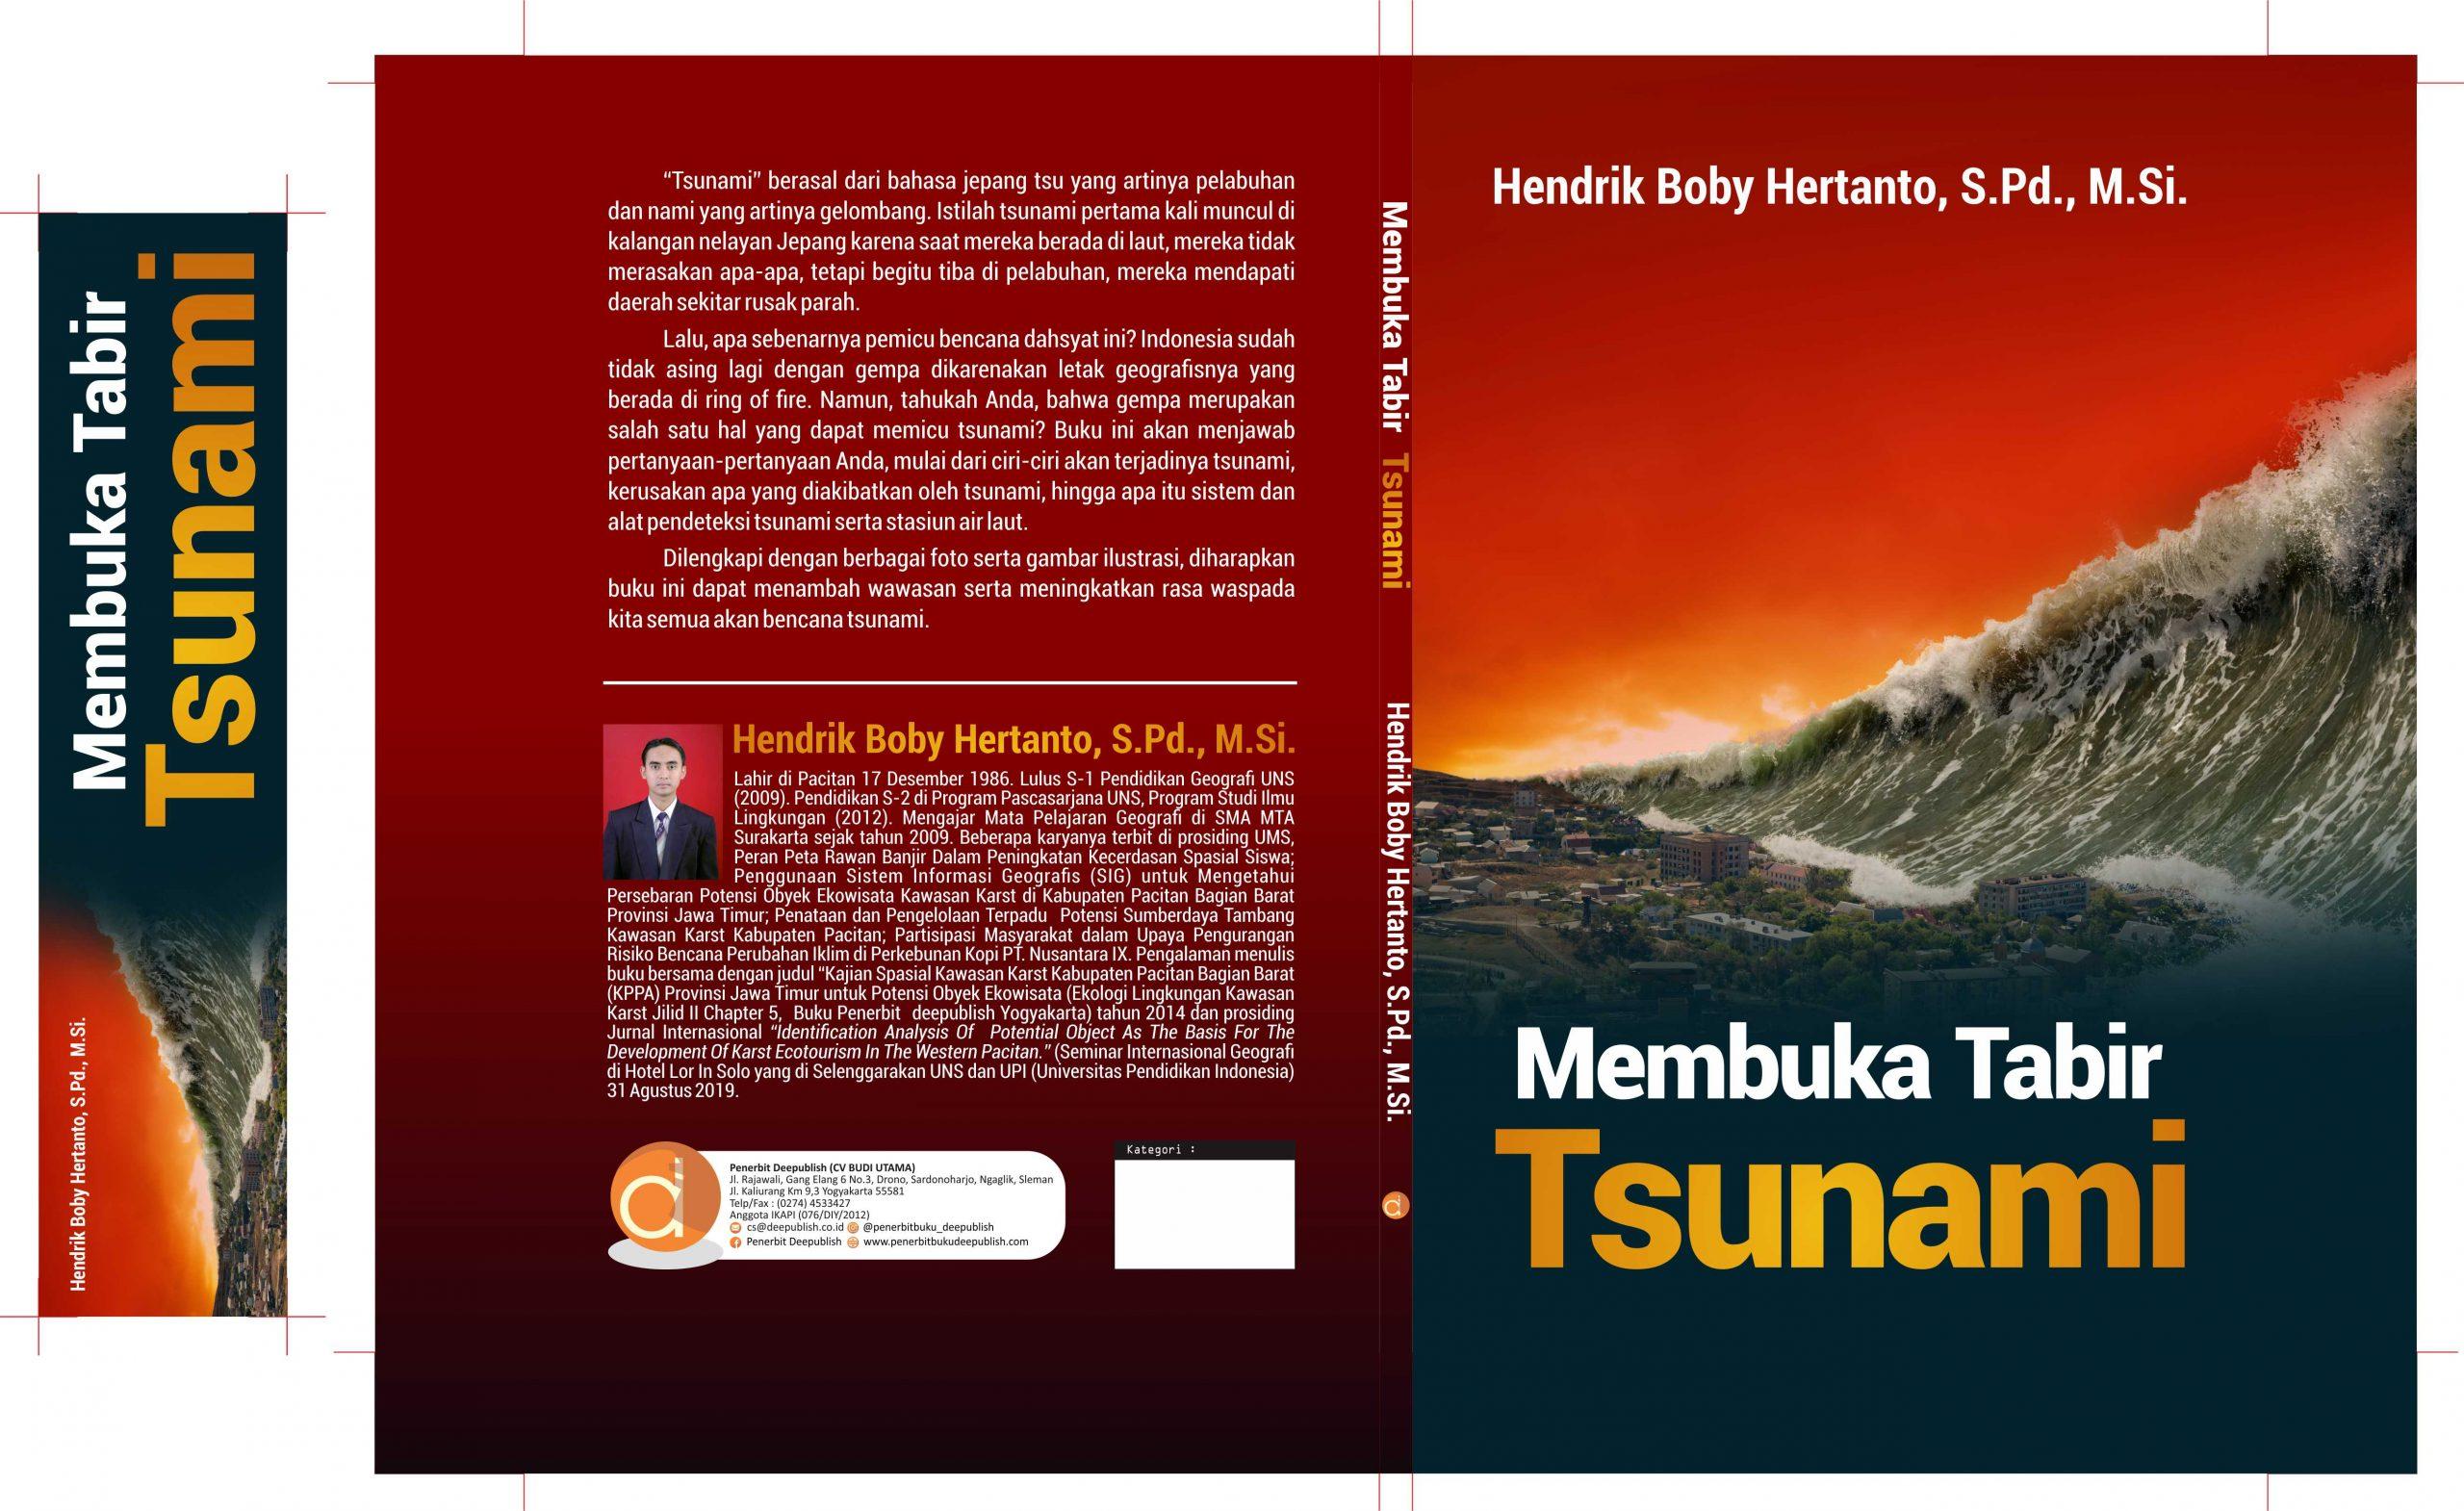 Membuka Tabir Tsunami